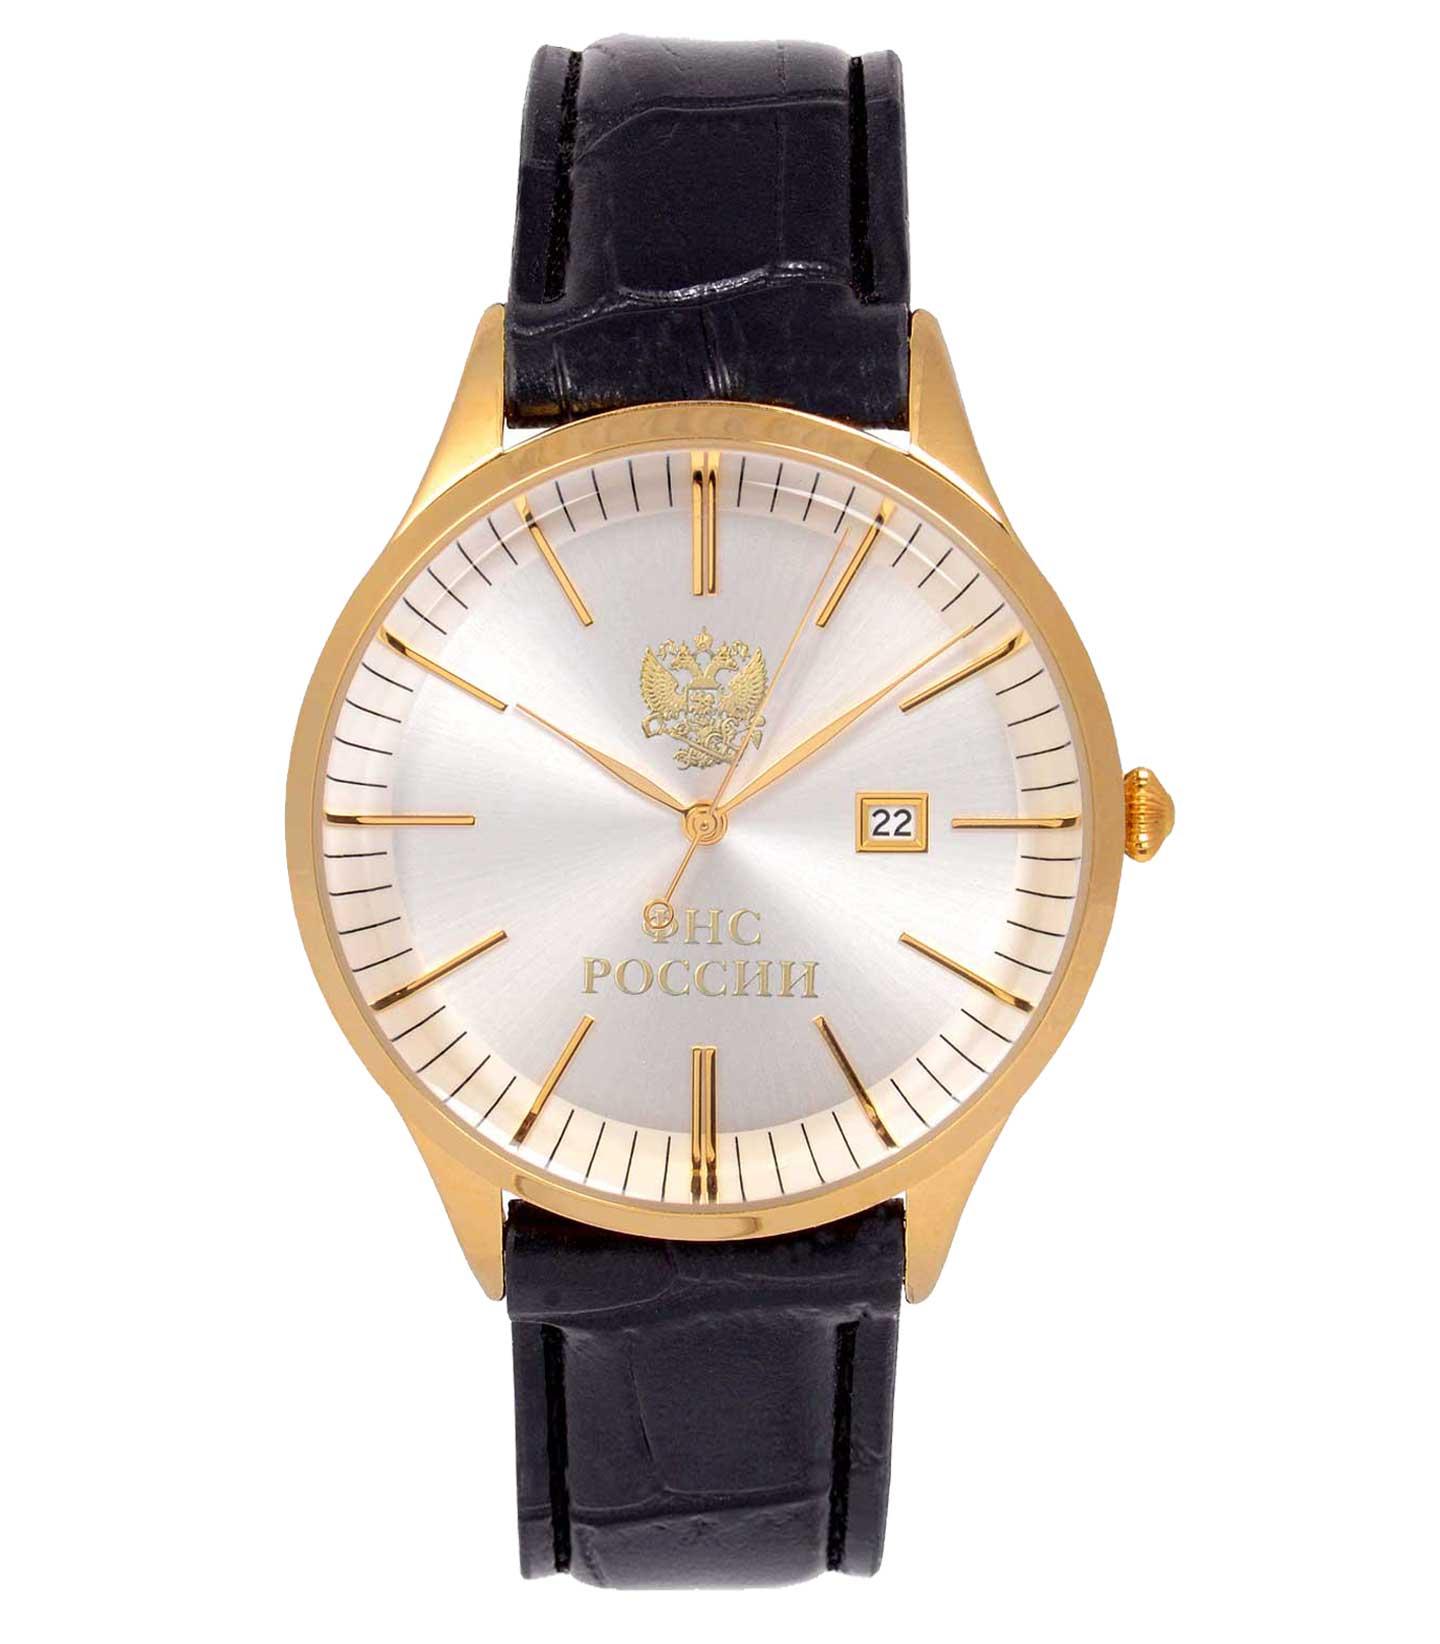 Юбилейные часы ФНС РОССИИ · Часы с логотипом ФНС РОССИИ (мужские